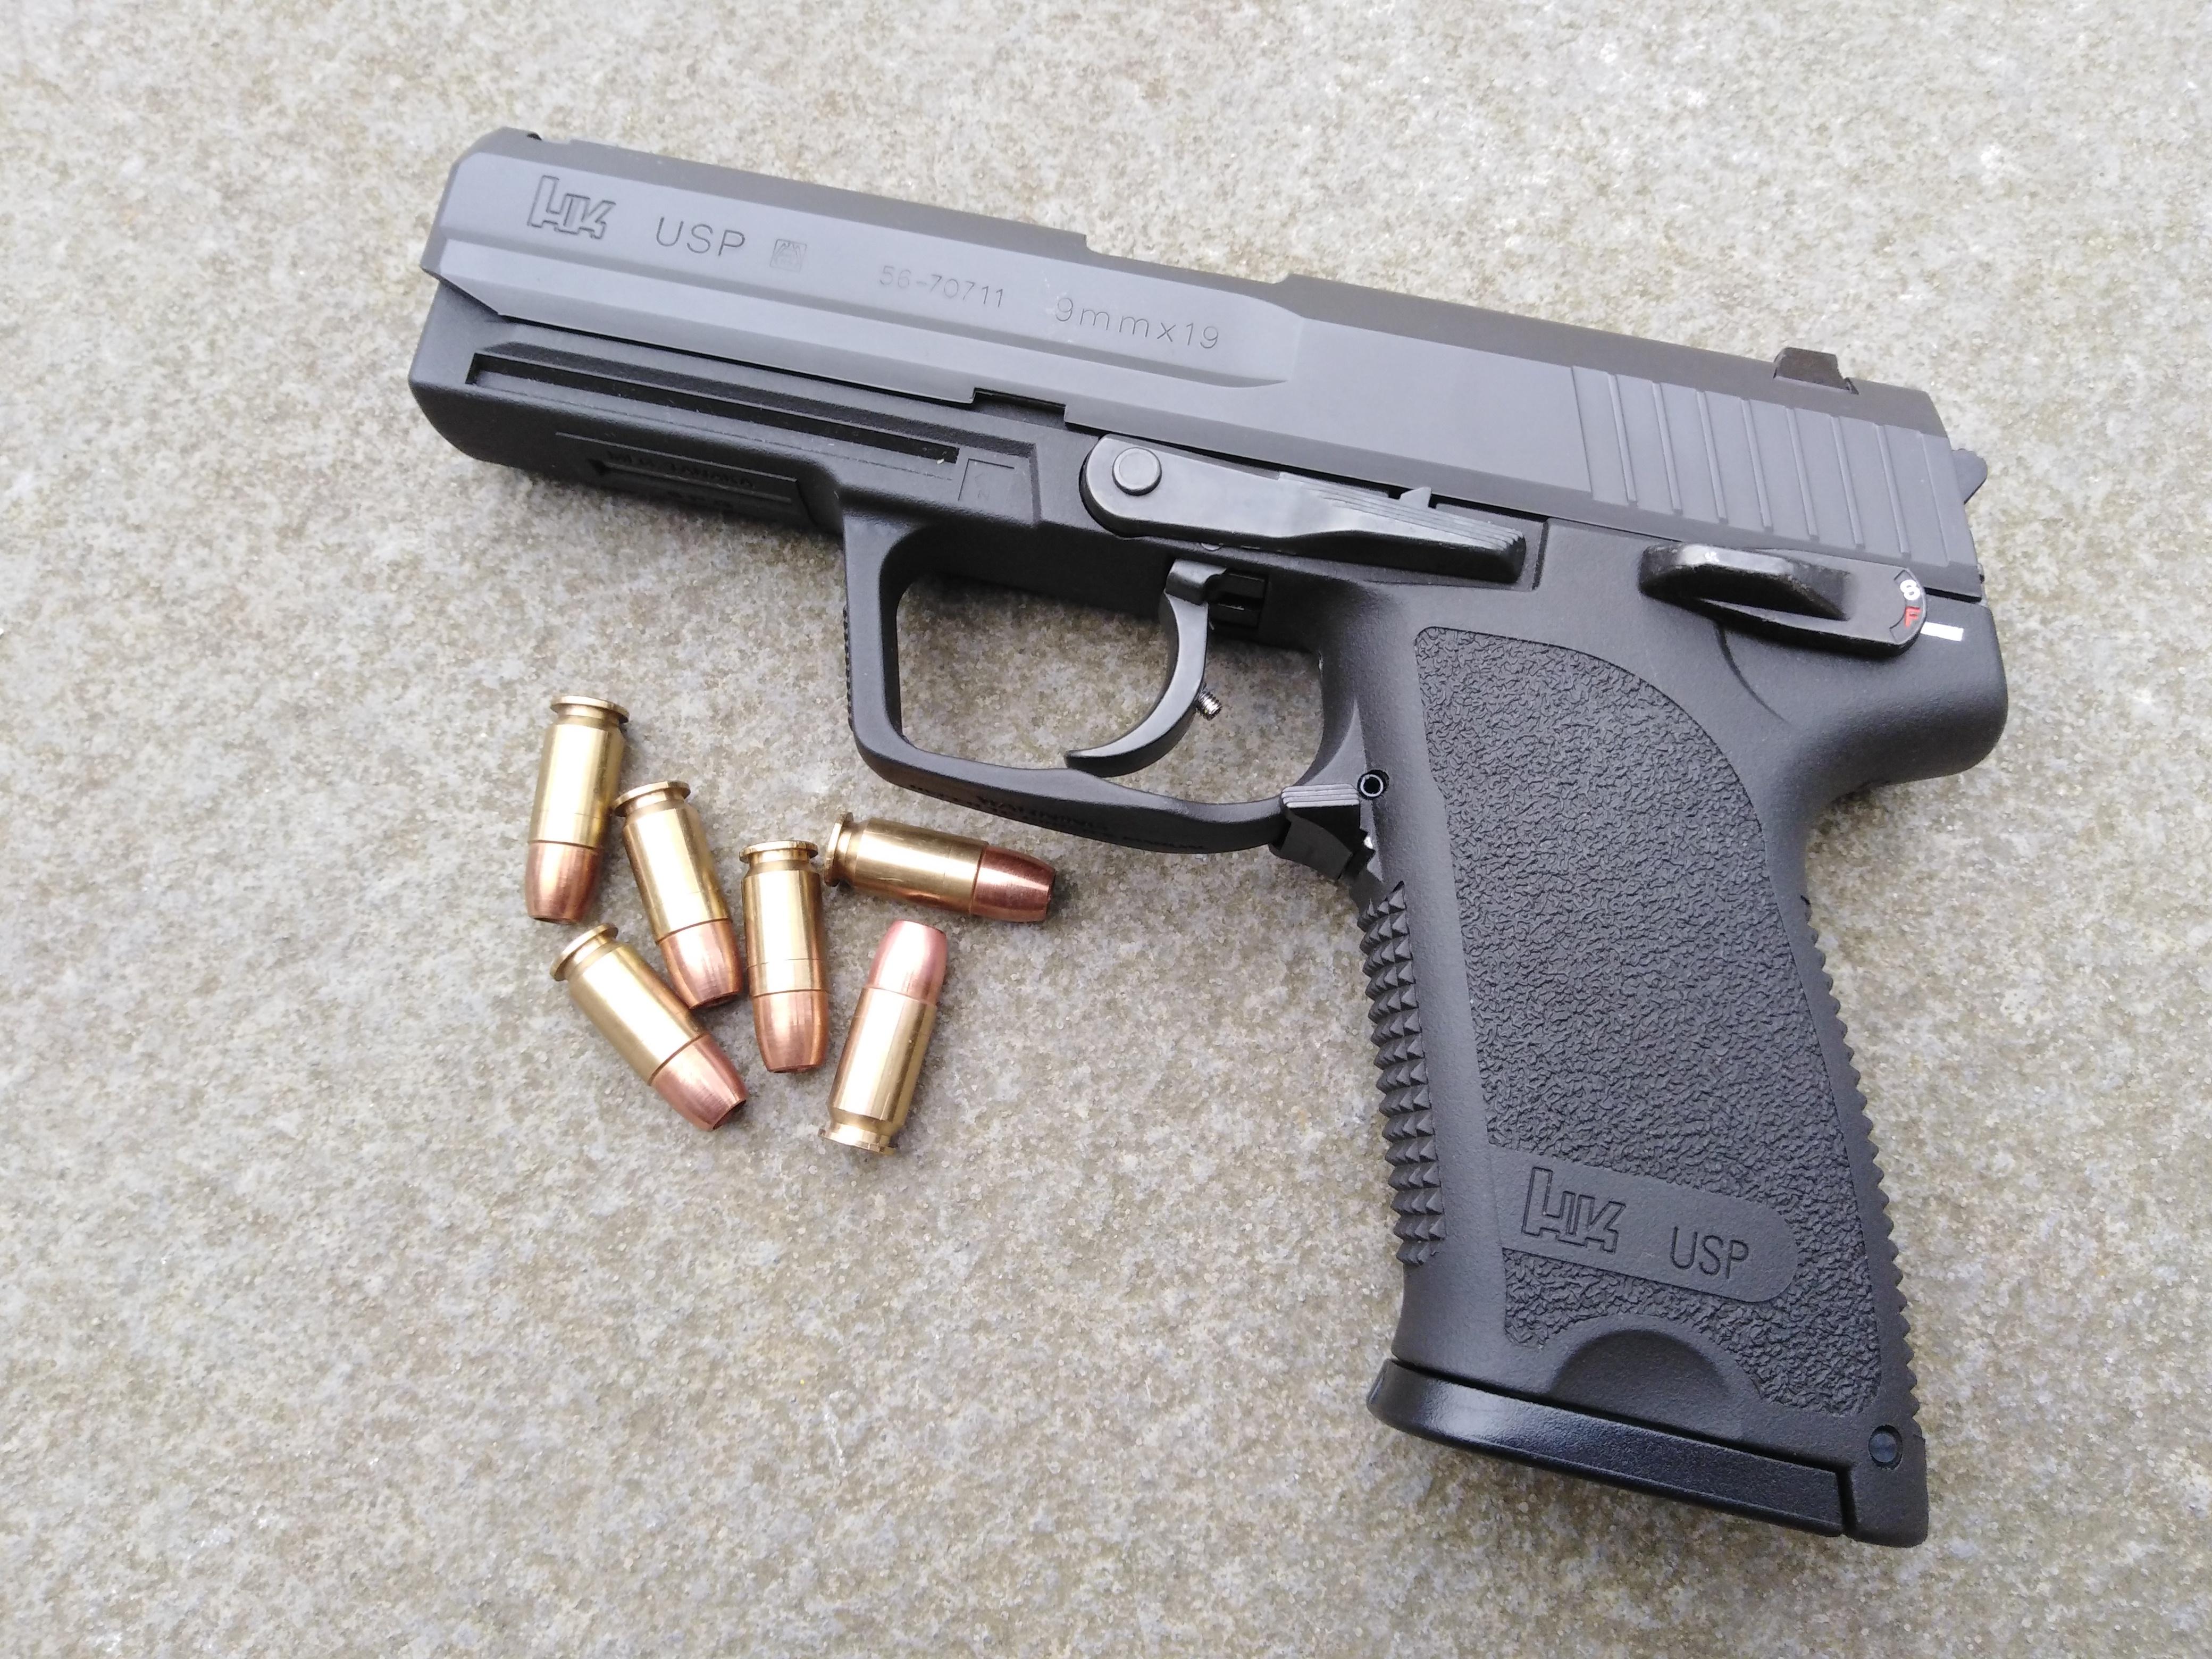 Tanaka custom H&K USP 9mm